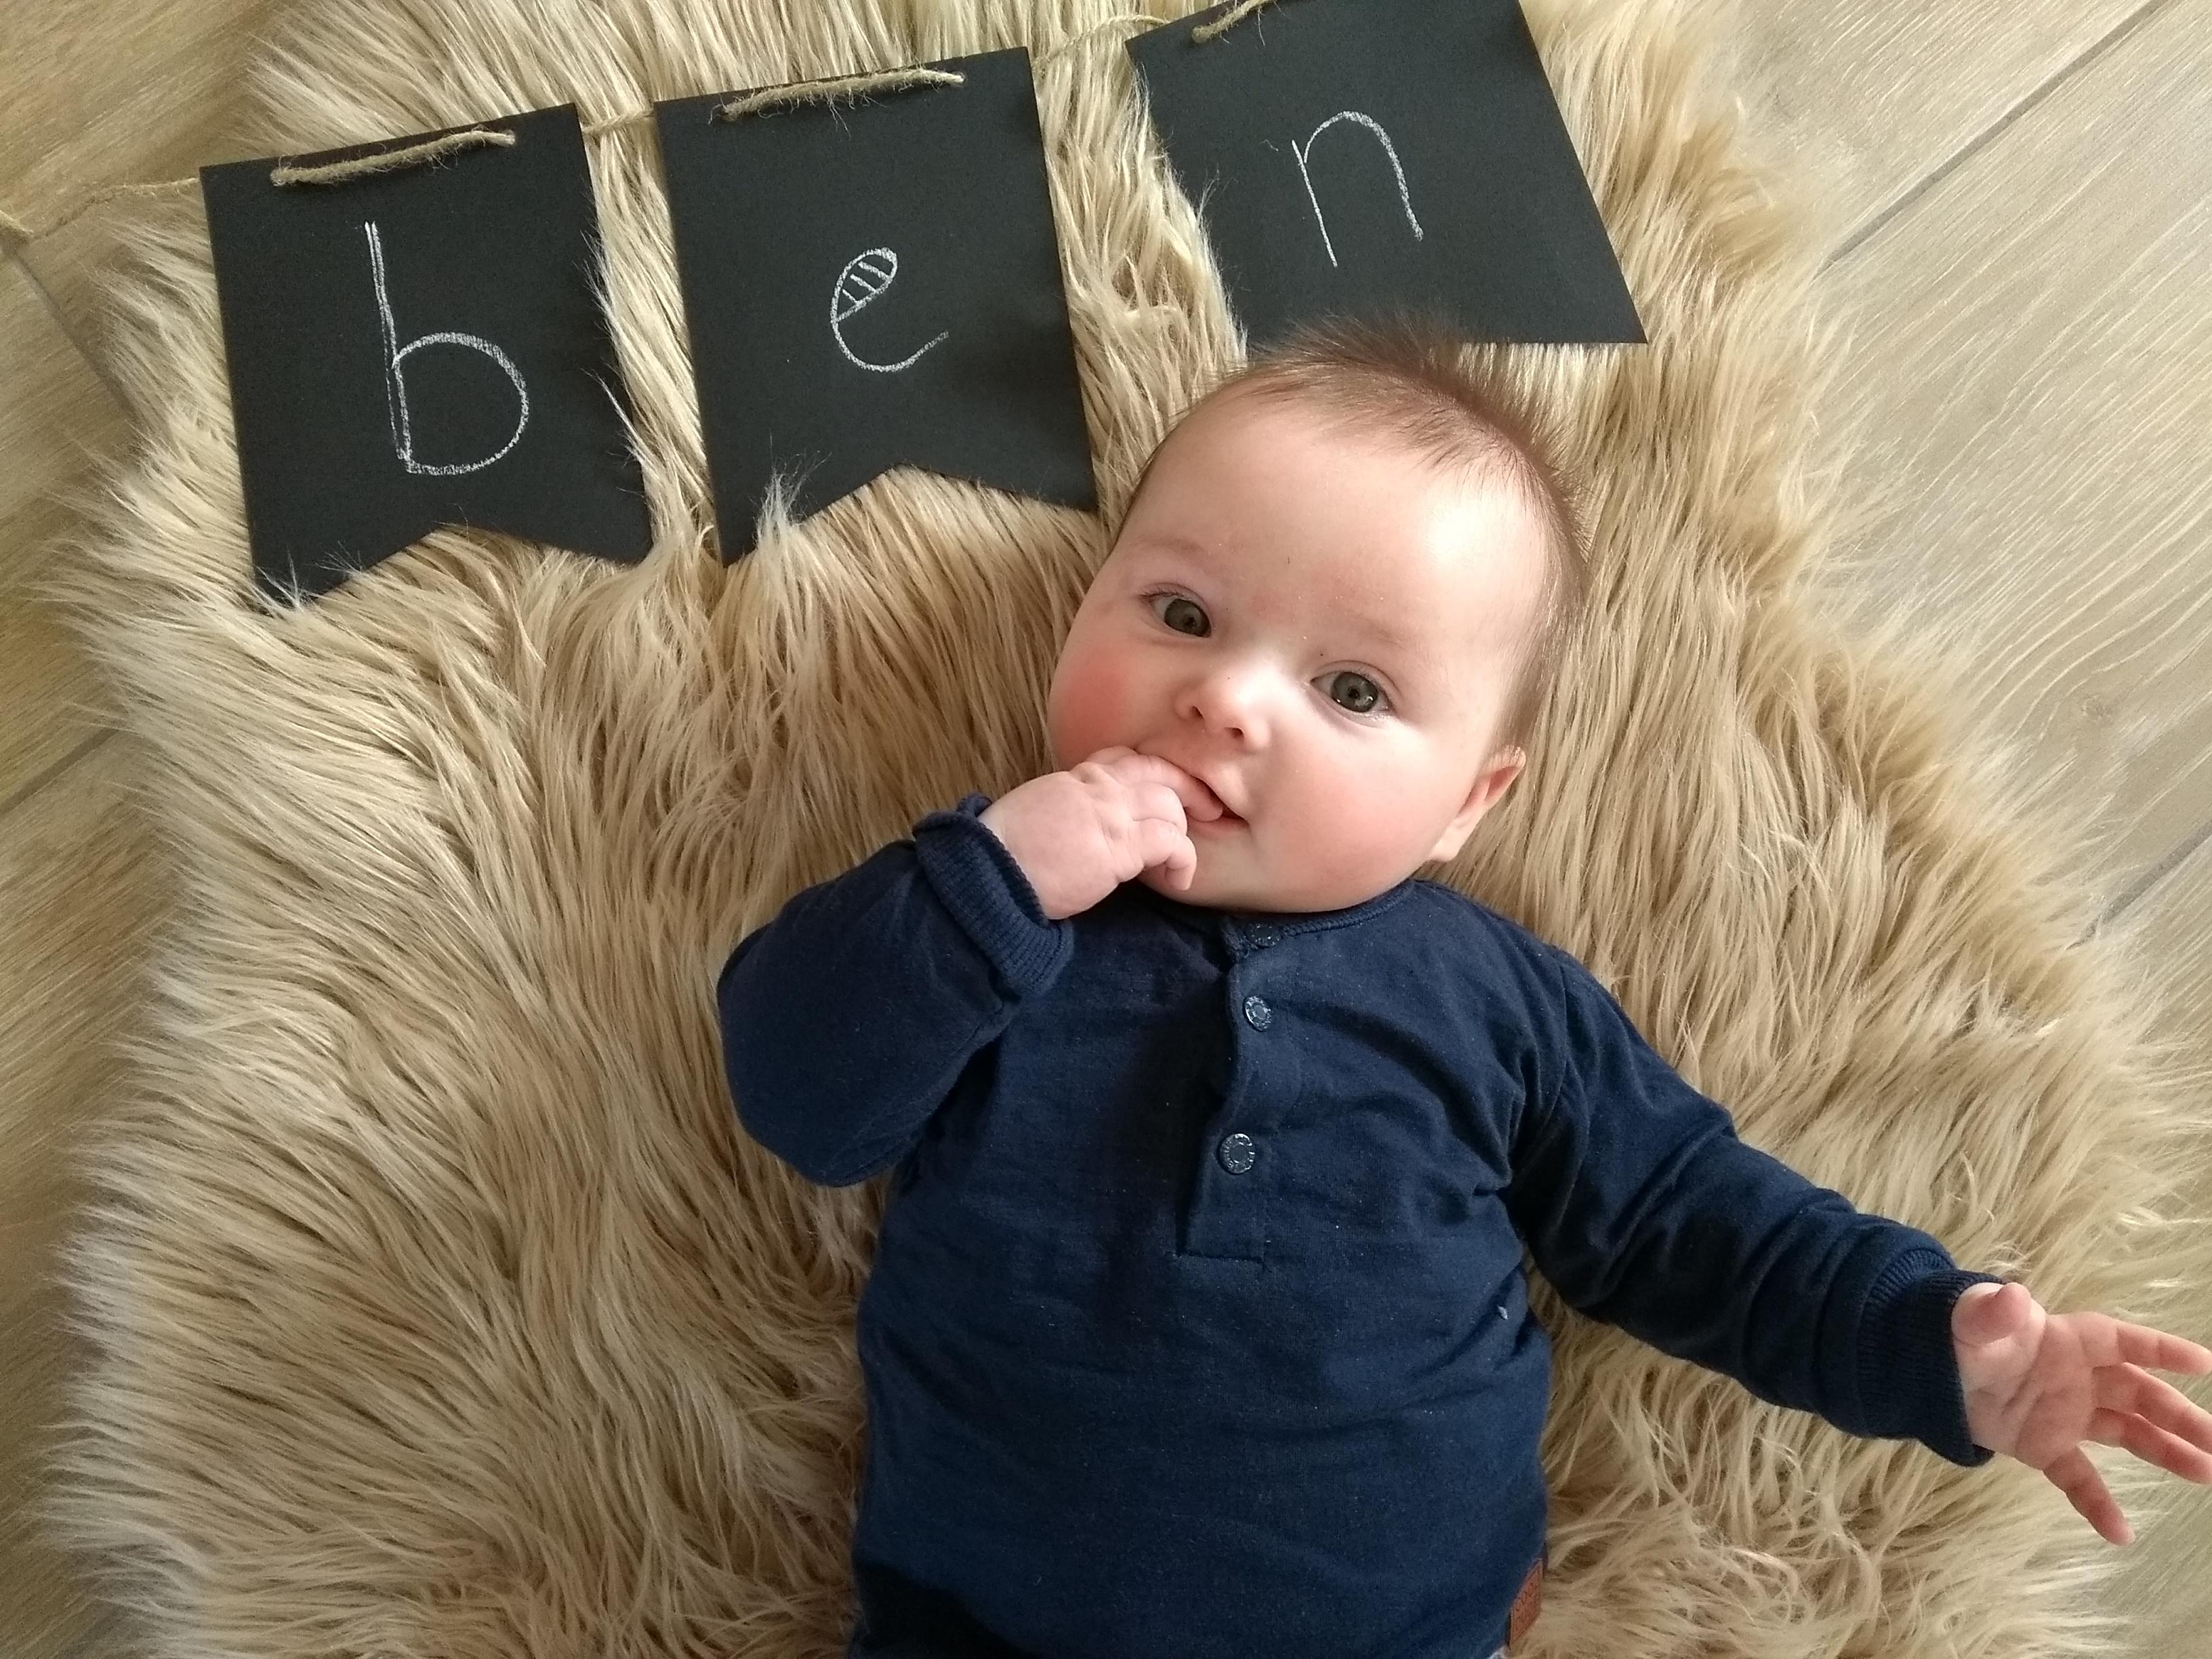 newborn, baby, mamablog, baby 4 maanden, baby 16 weken, mamalifestyle, mama van drie, gezin, blog, mamalifestyle blog, lalog, lalogblog, lalog.nl